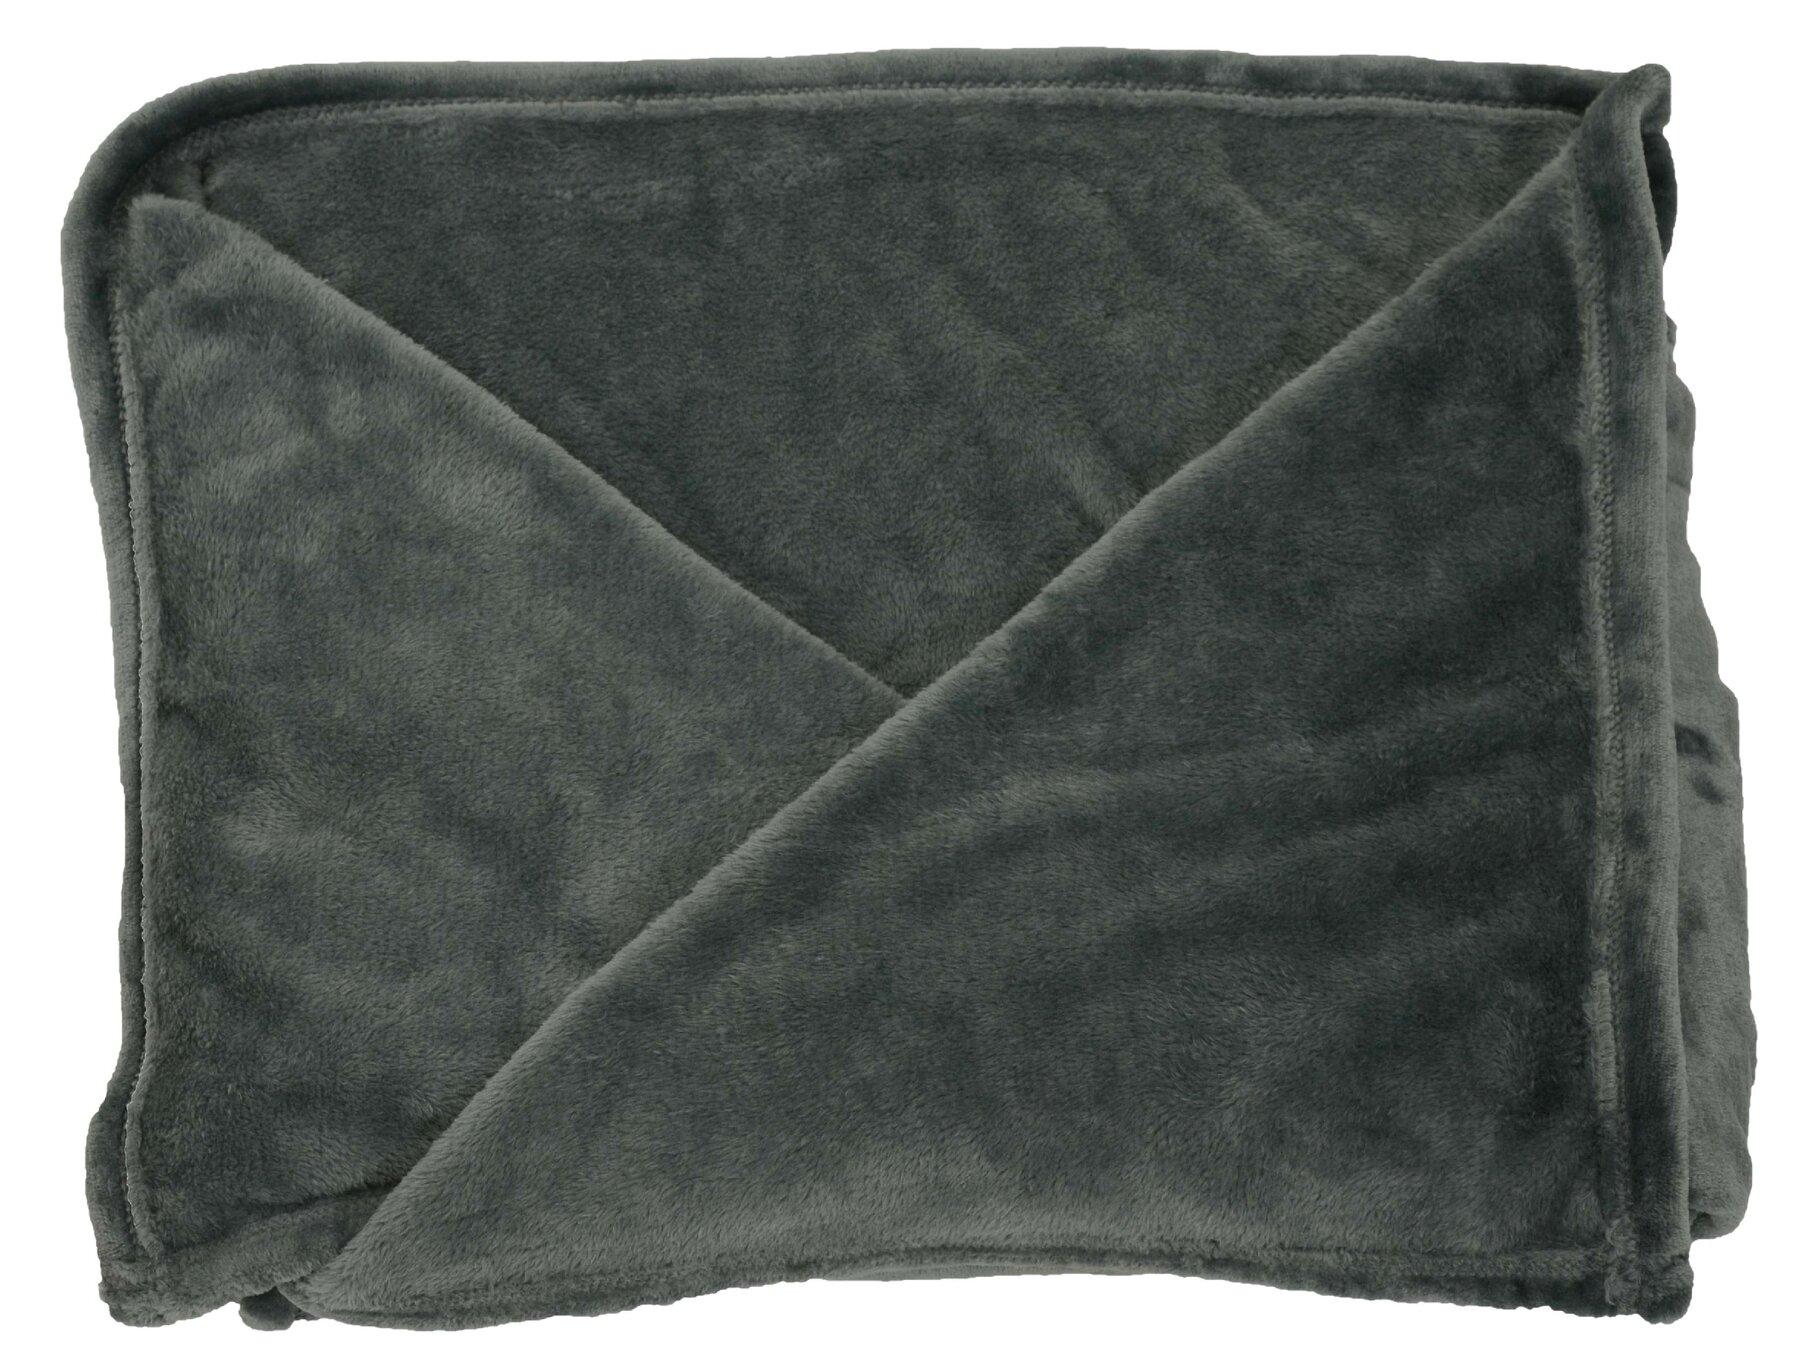 Snuggle Decke Mit ärmeln.Kuscheldecke Snuggle Mit Armeln Kuscheldecken Komfort